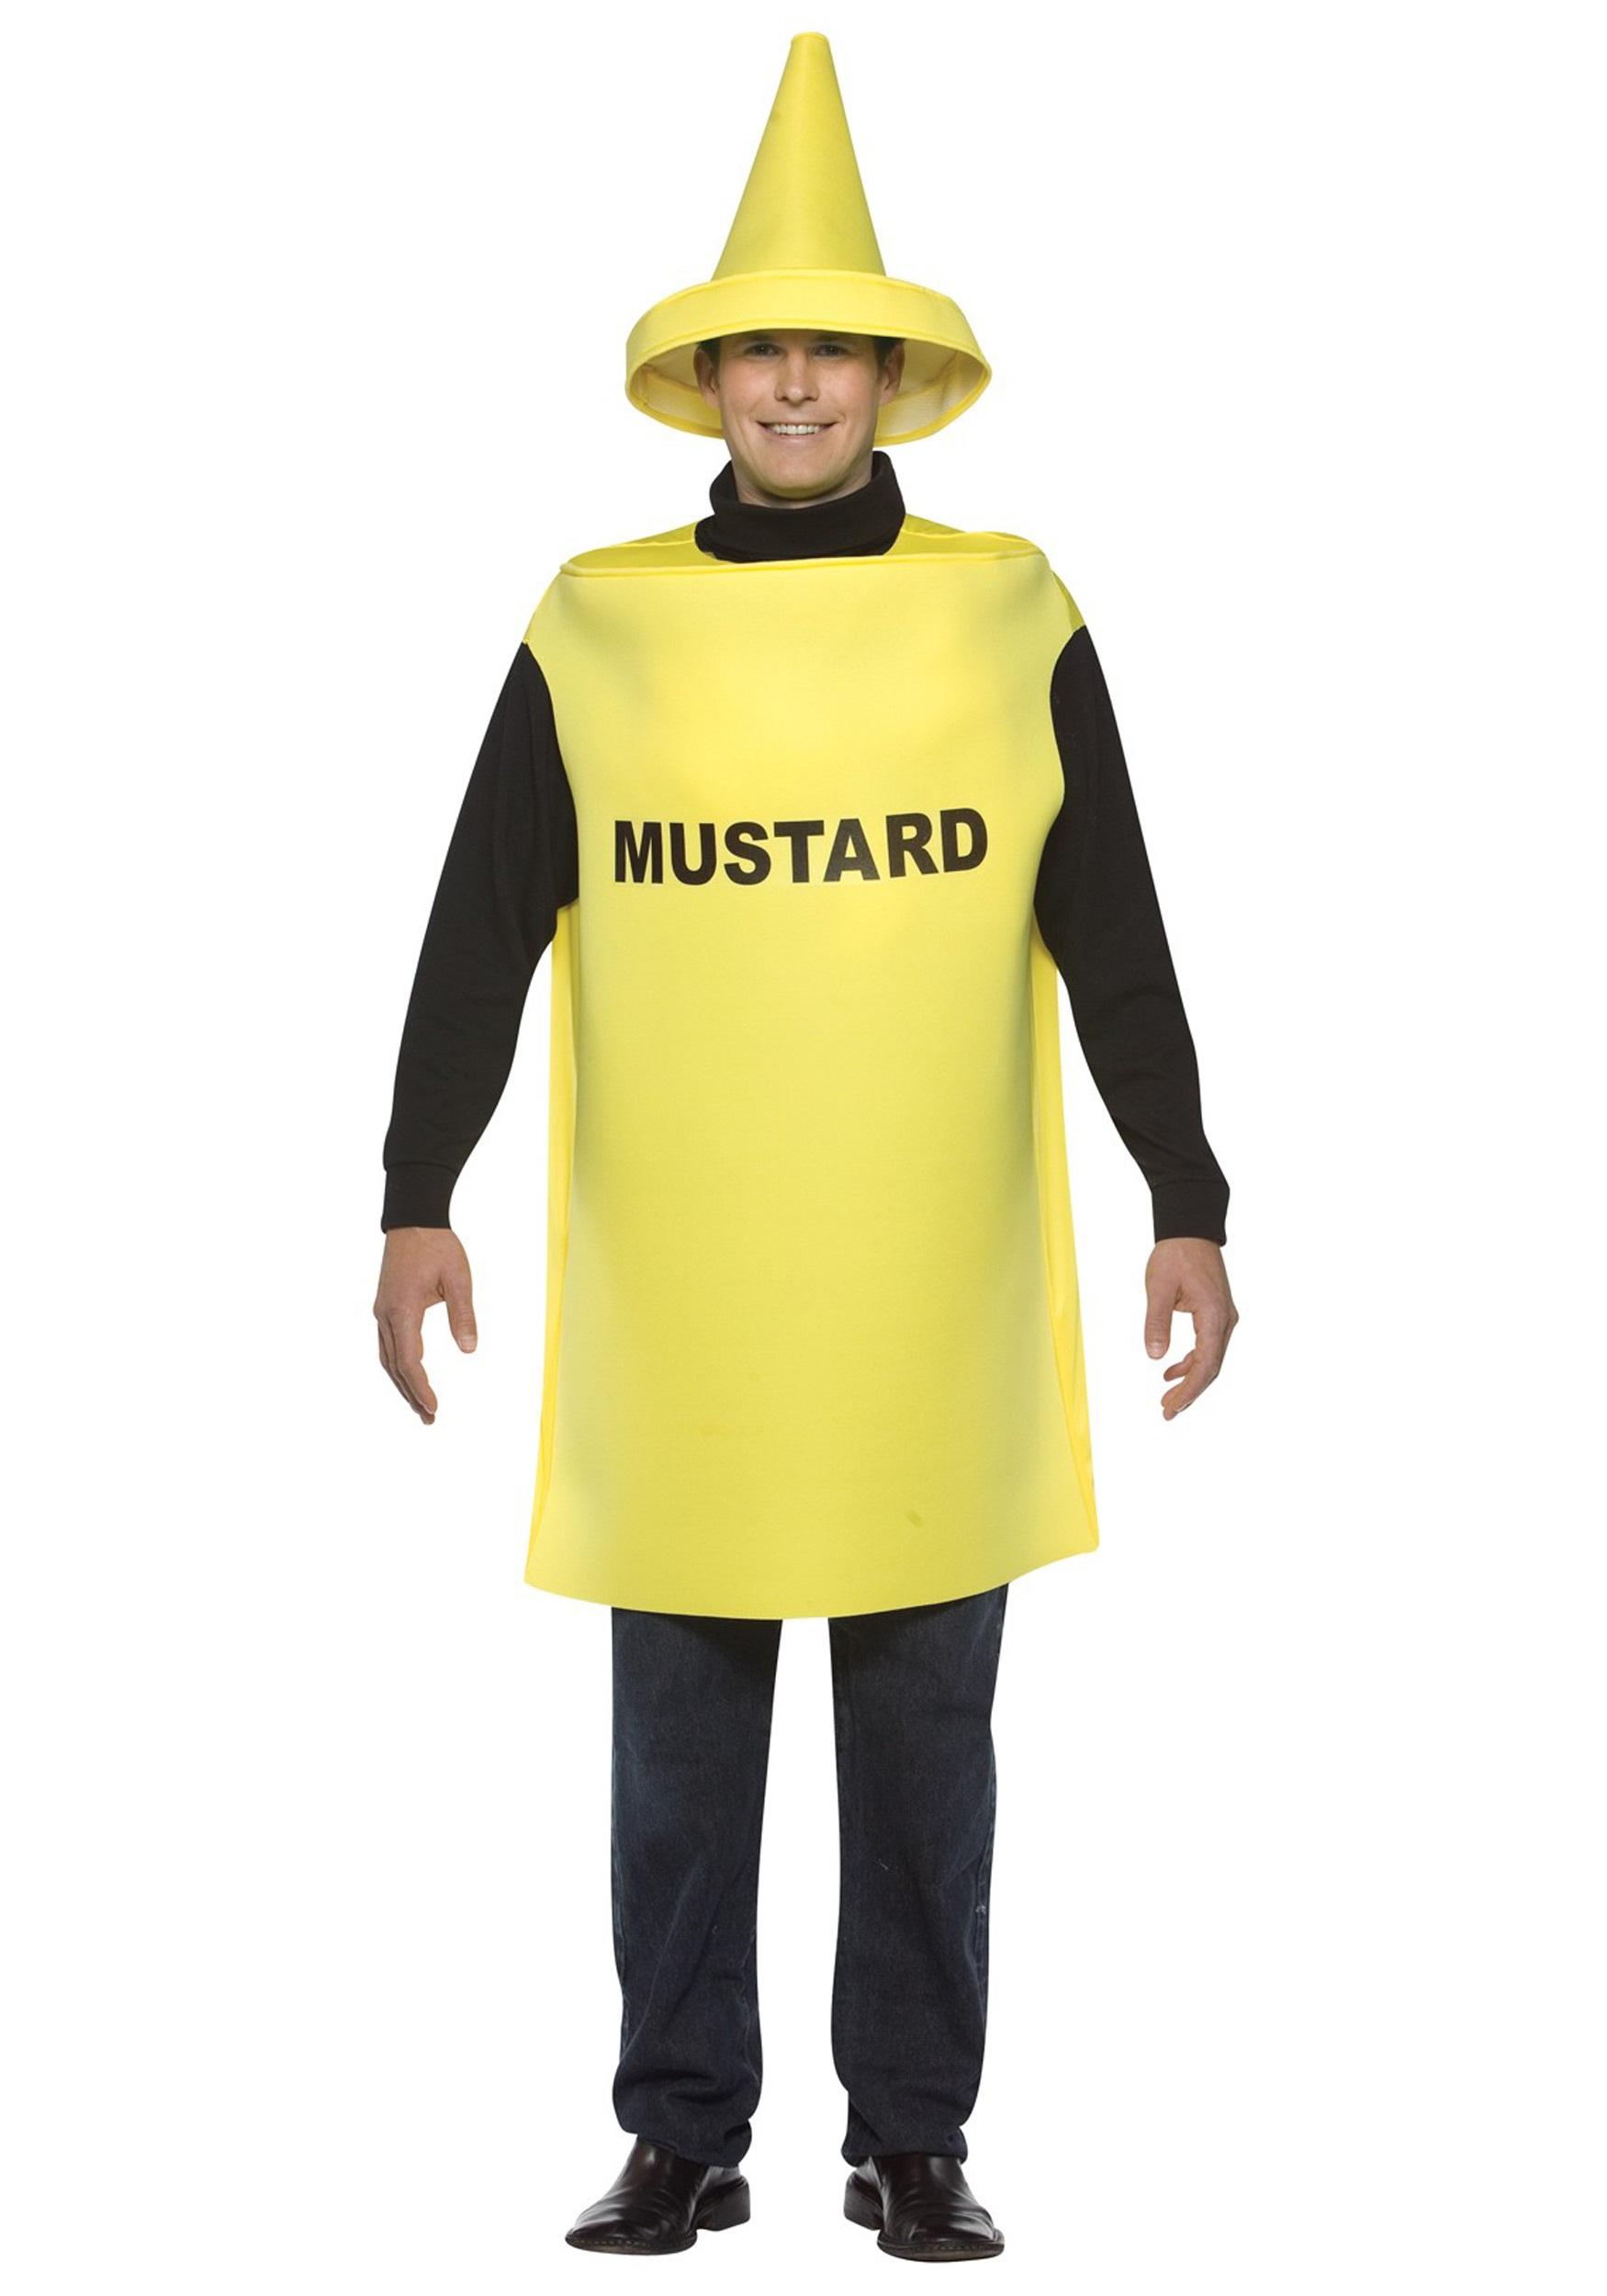 adult mustard costume. Black Bedroom Furniture Sets. Home Design Ideas